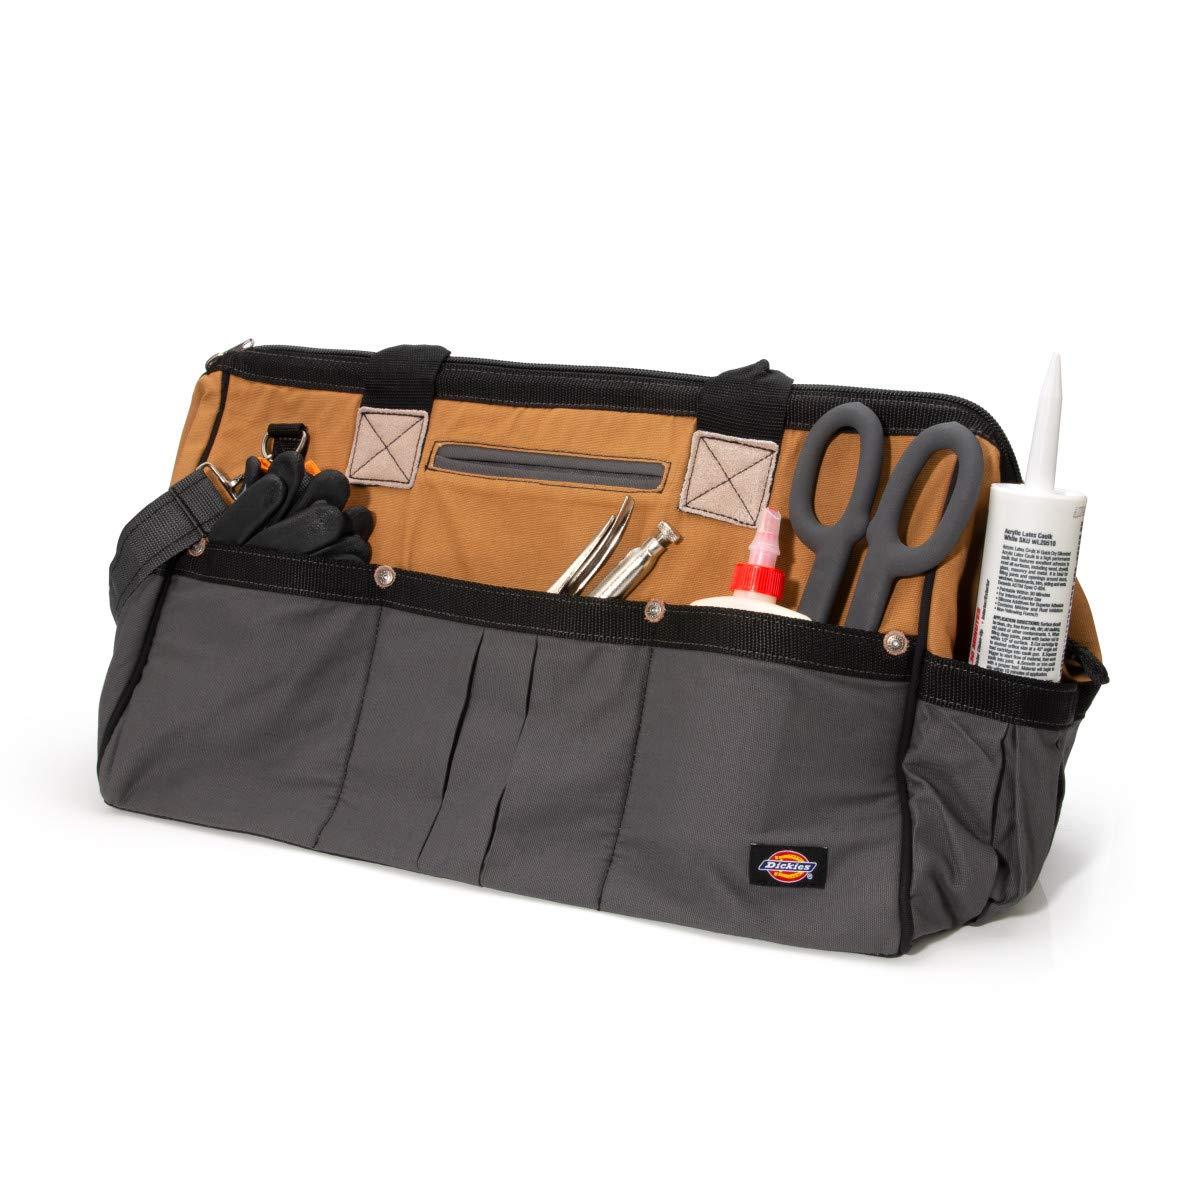 Dickies 57033 20-Inch Work Bag by Dickies Work Gear (Image #3)